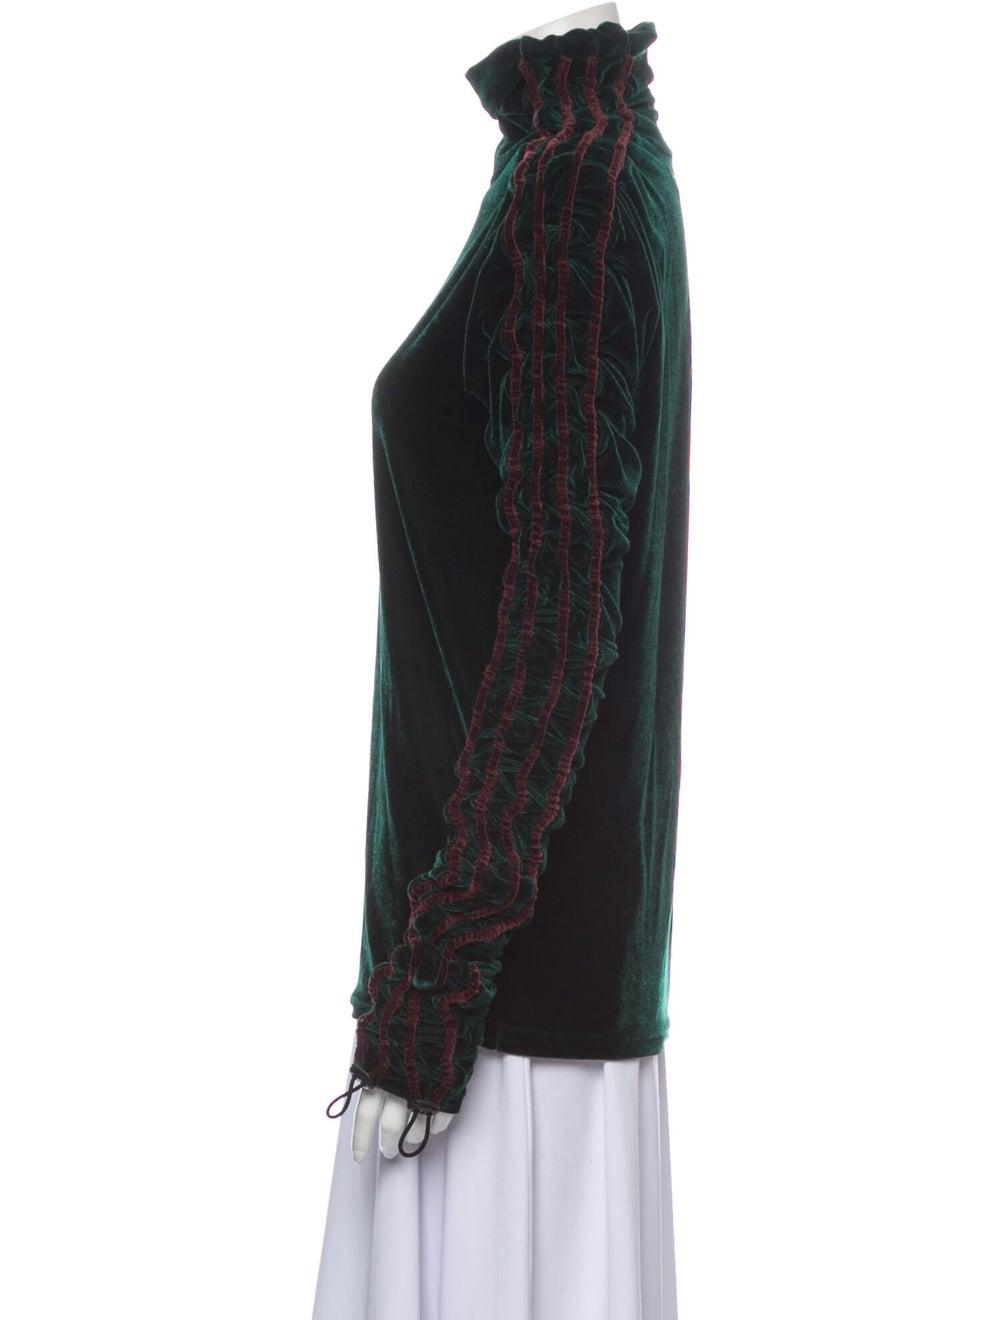 Y/Project Turtleneck Long Sleeve Sweatshirt Green - image 2